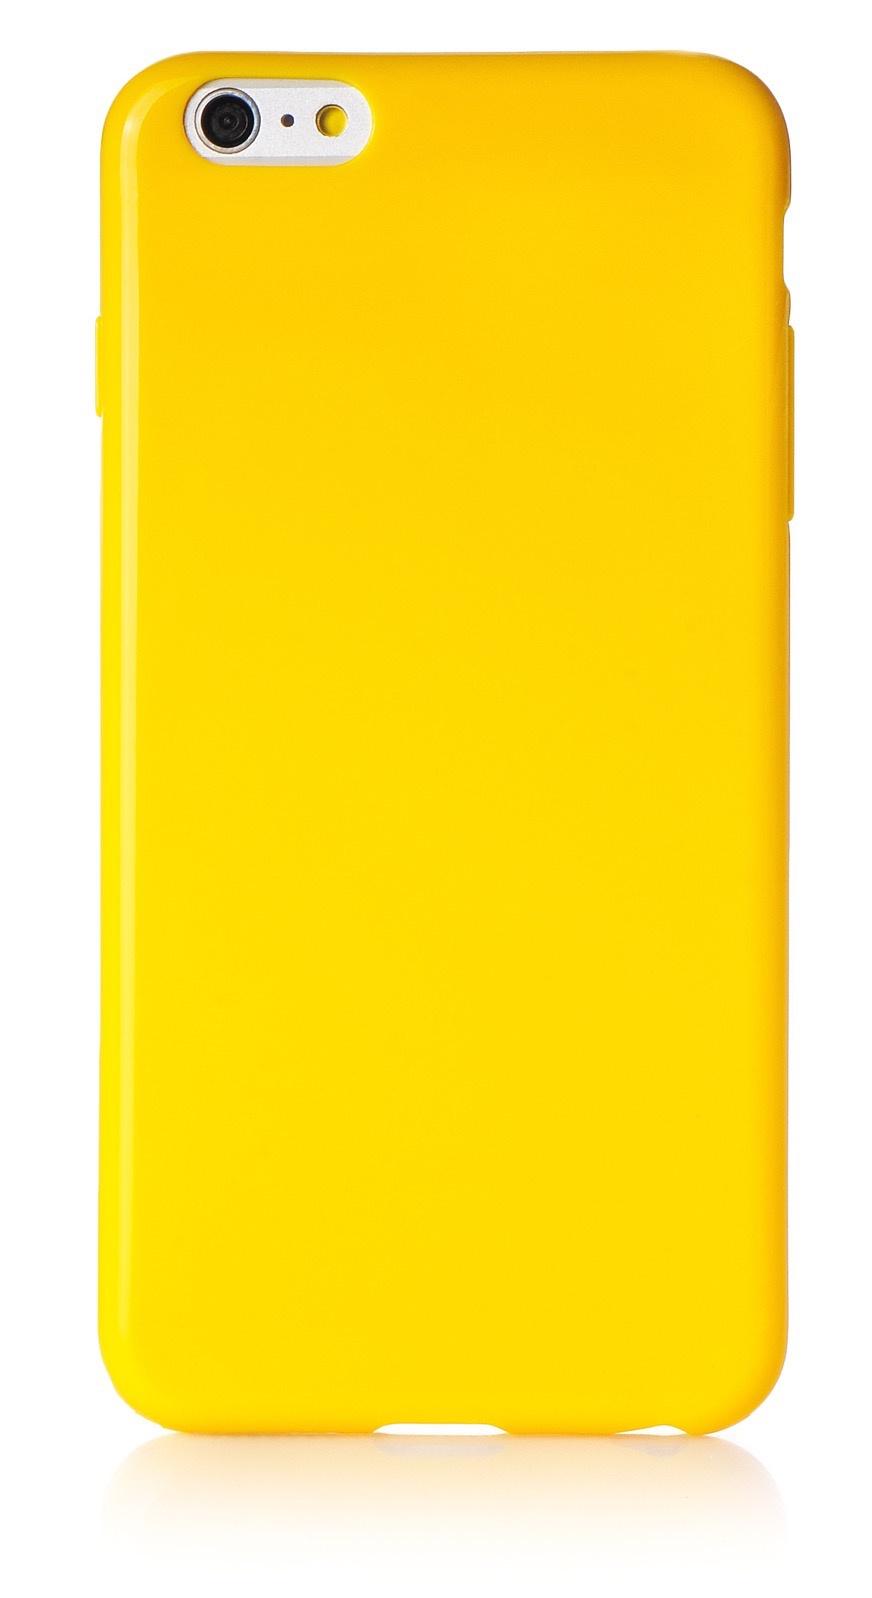 """Чехол для сотового телефона iNeez накладка силикон мыльница 620116 для Apple Iphone 6 Plus/6S Plus 5.5"""", желтый"""